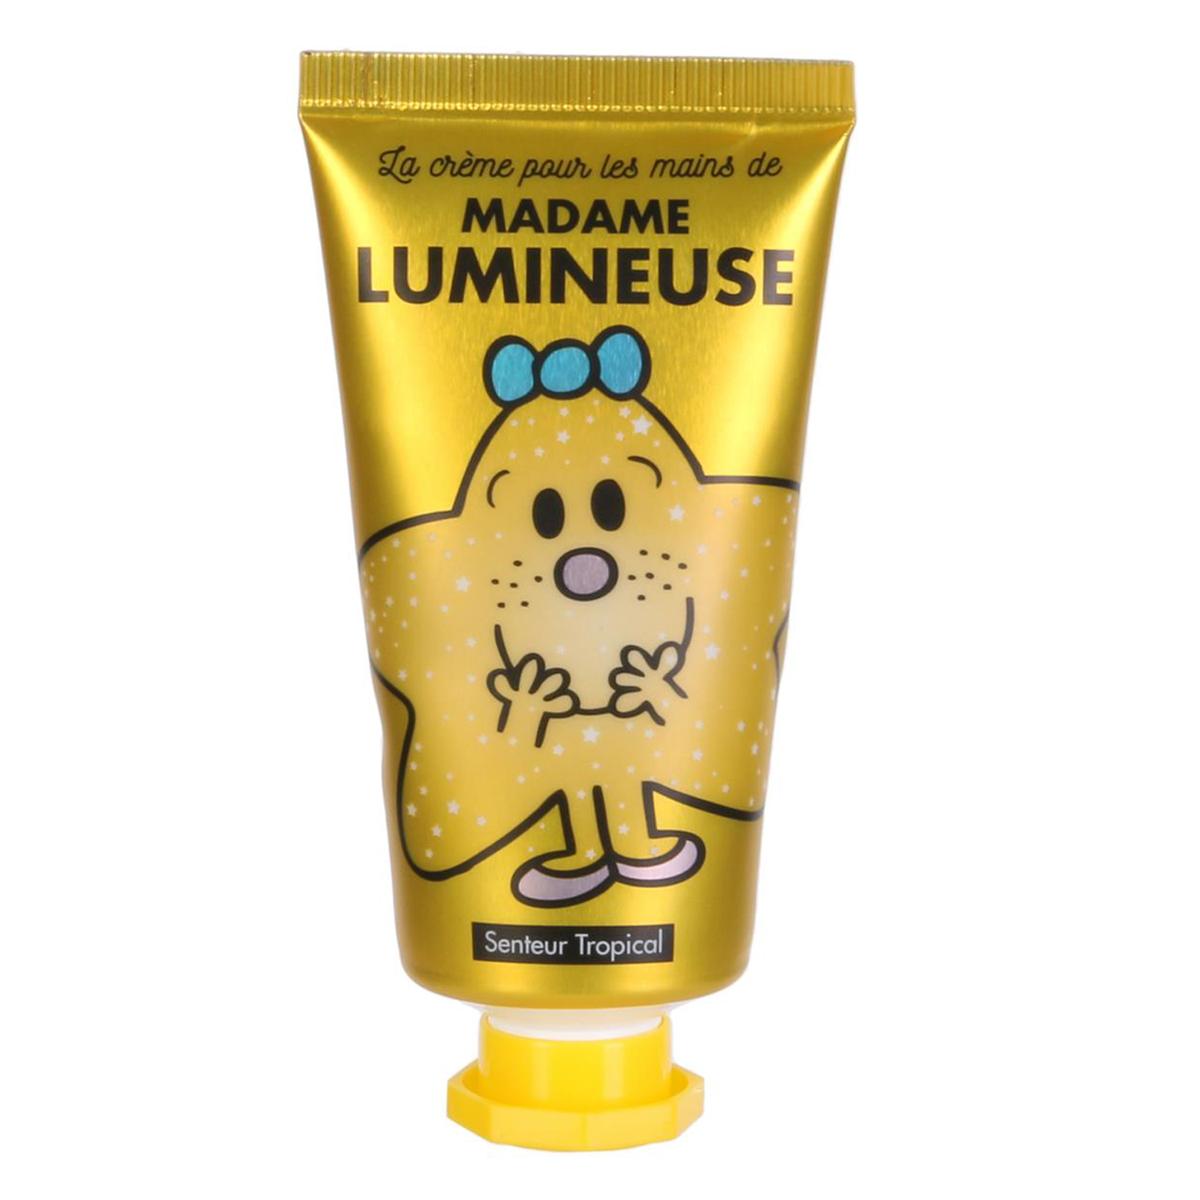 Crème pour les mains \'Monsieur Madame\' (Lumineuse - Tropical) - 8x3 cm, 30 ml - [A0553]